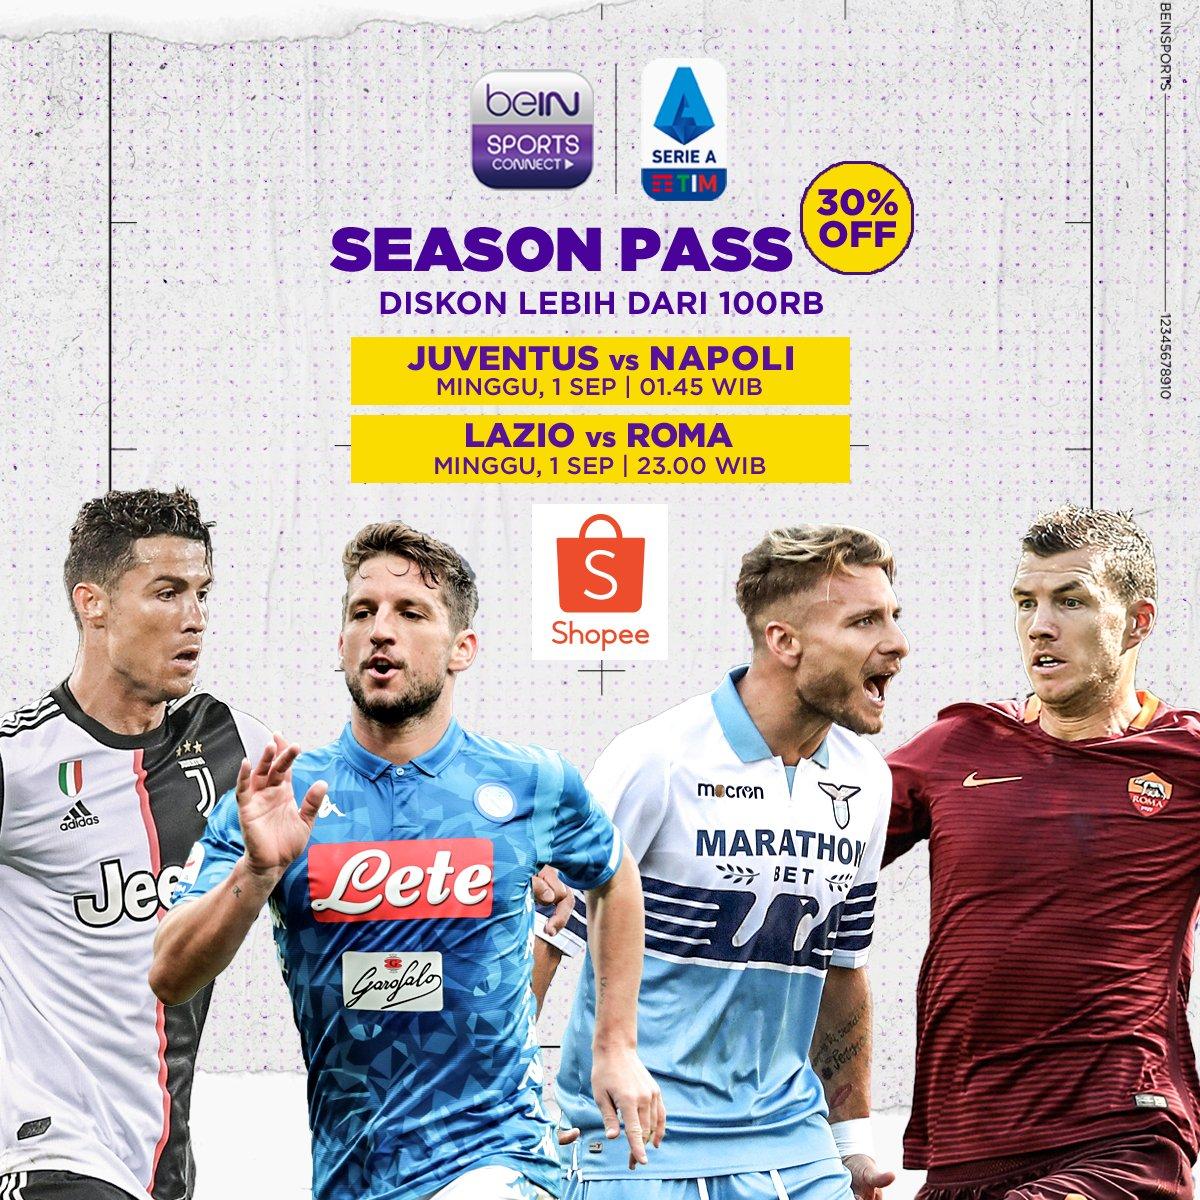 Bein Sports On Twitter Big Match Seriea Mempertemukan Juventus Napoli Dan Derby Ibukota Lazio Roma Siapa Pemenang Kedua Laga Panas Ini Saksikan Keseruannya Di Bein Sports Connect Dan Dapatkan